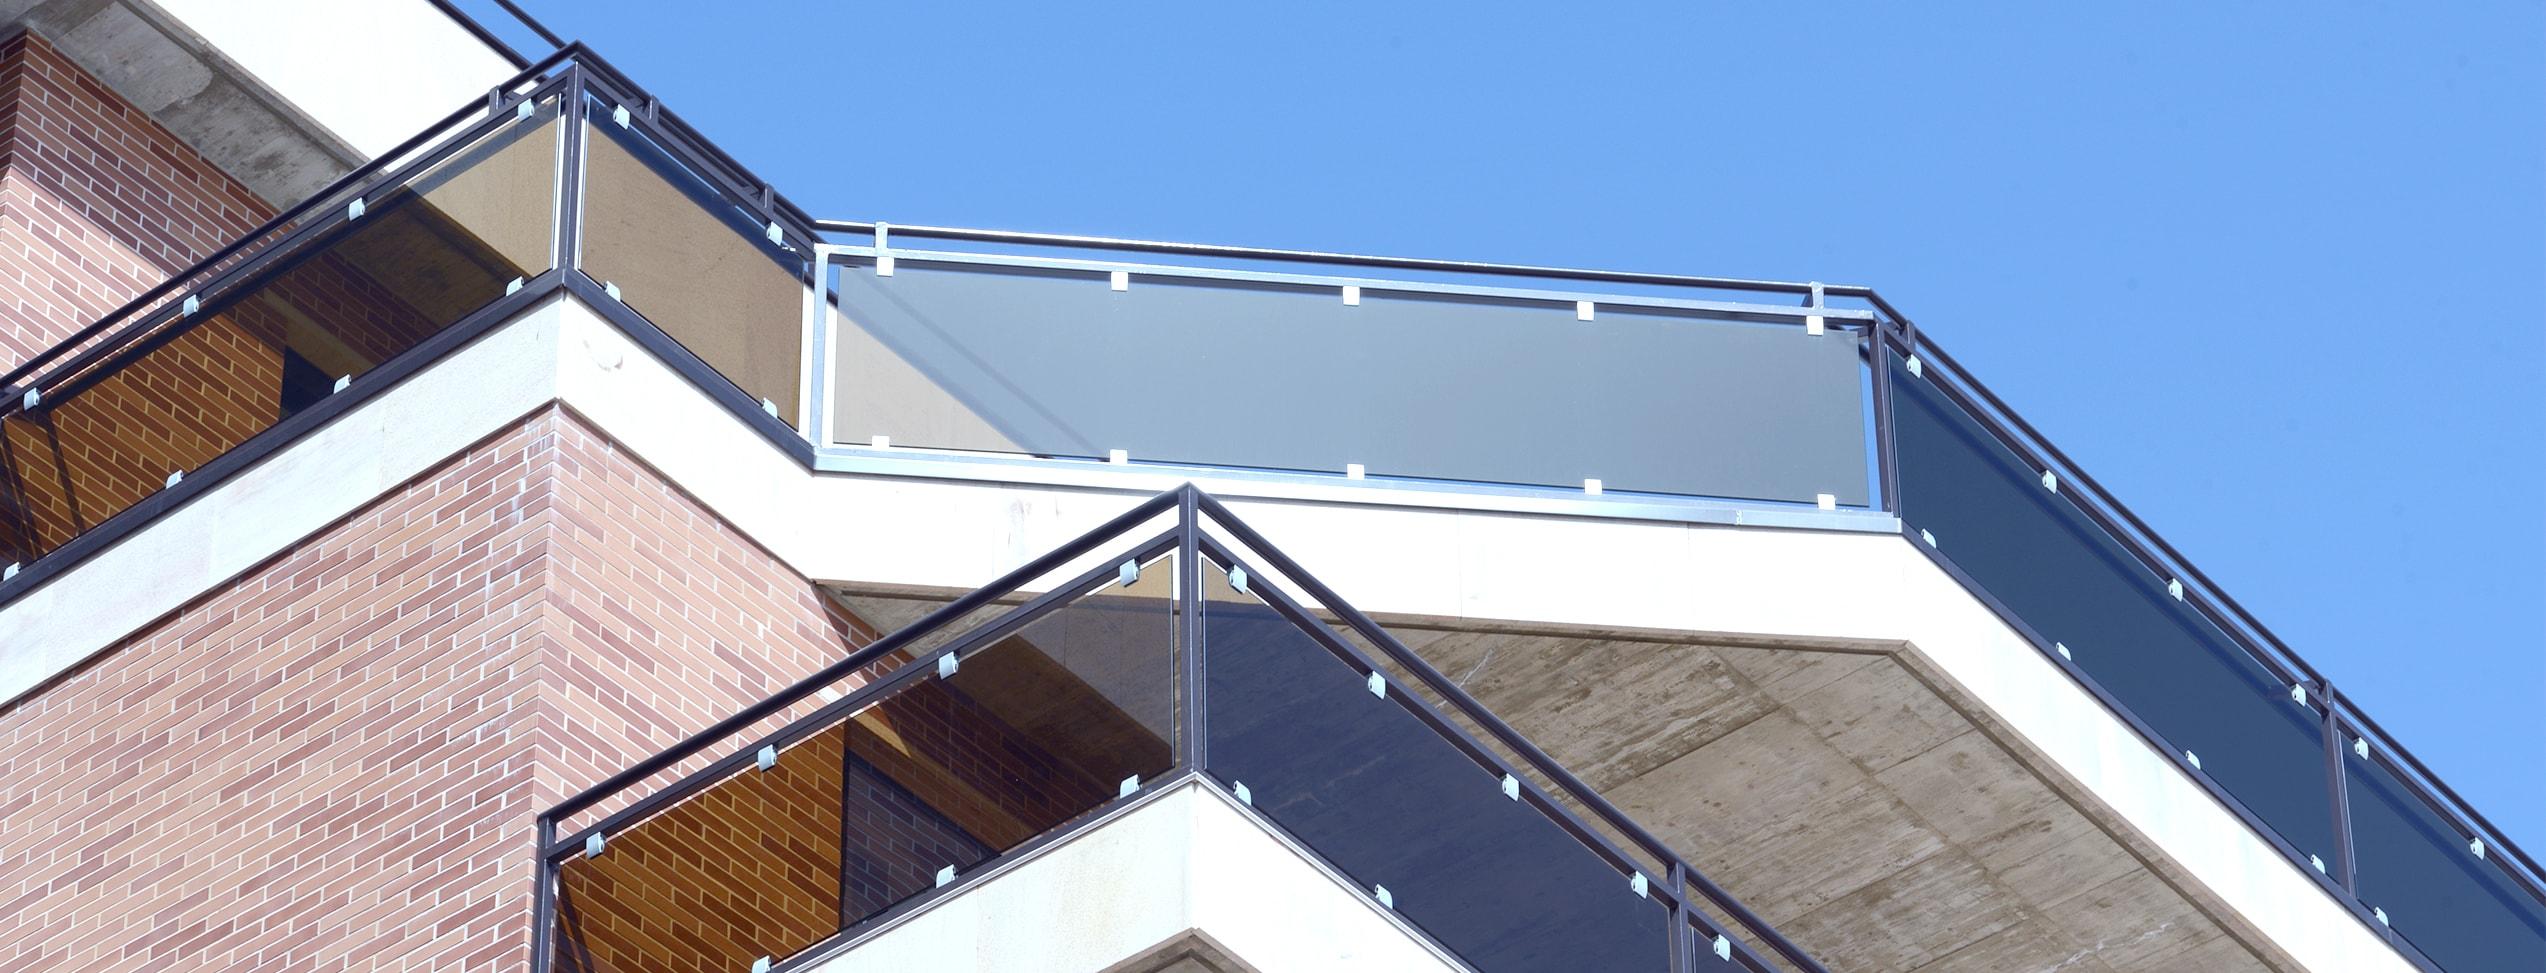 Seguridad balcones